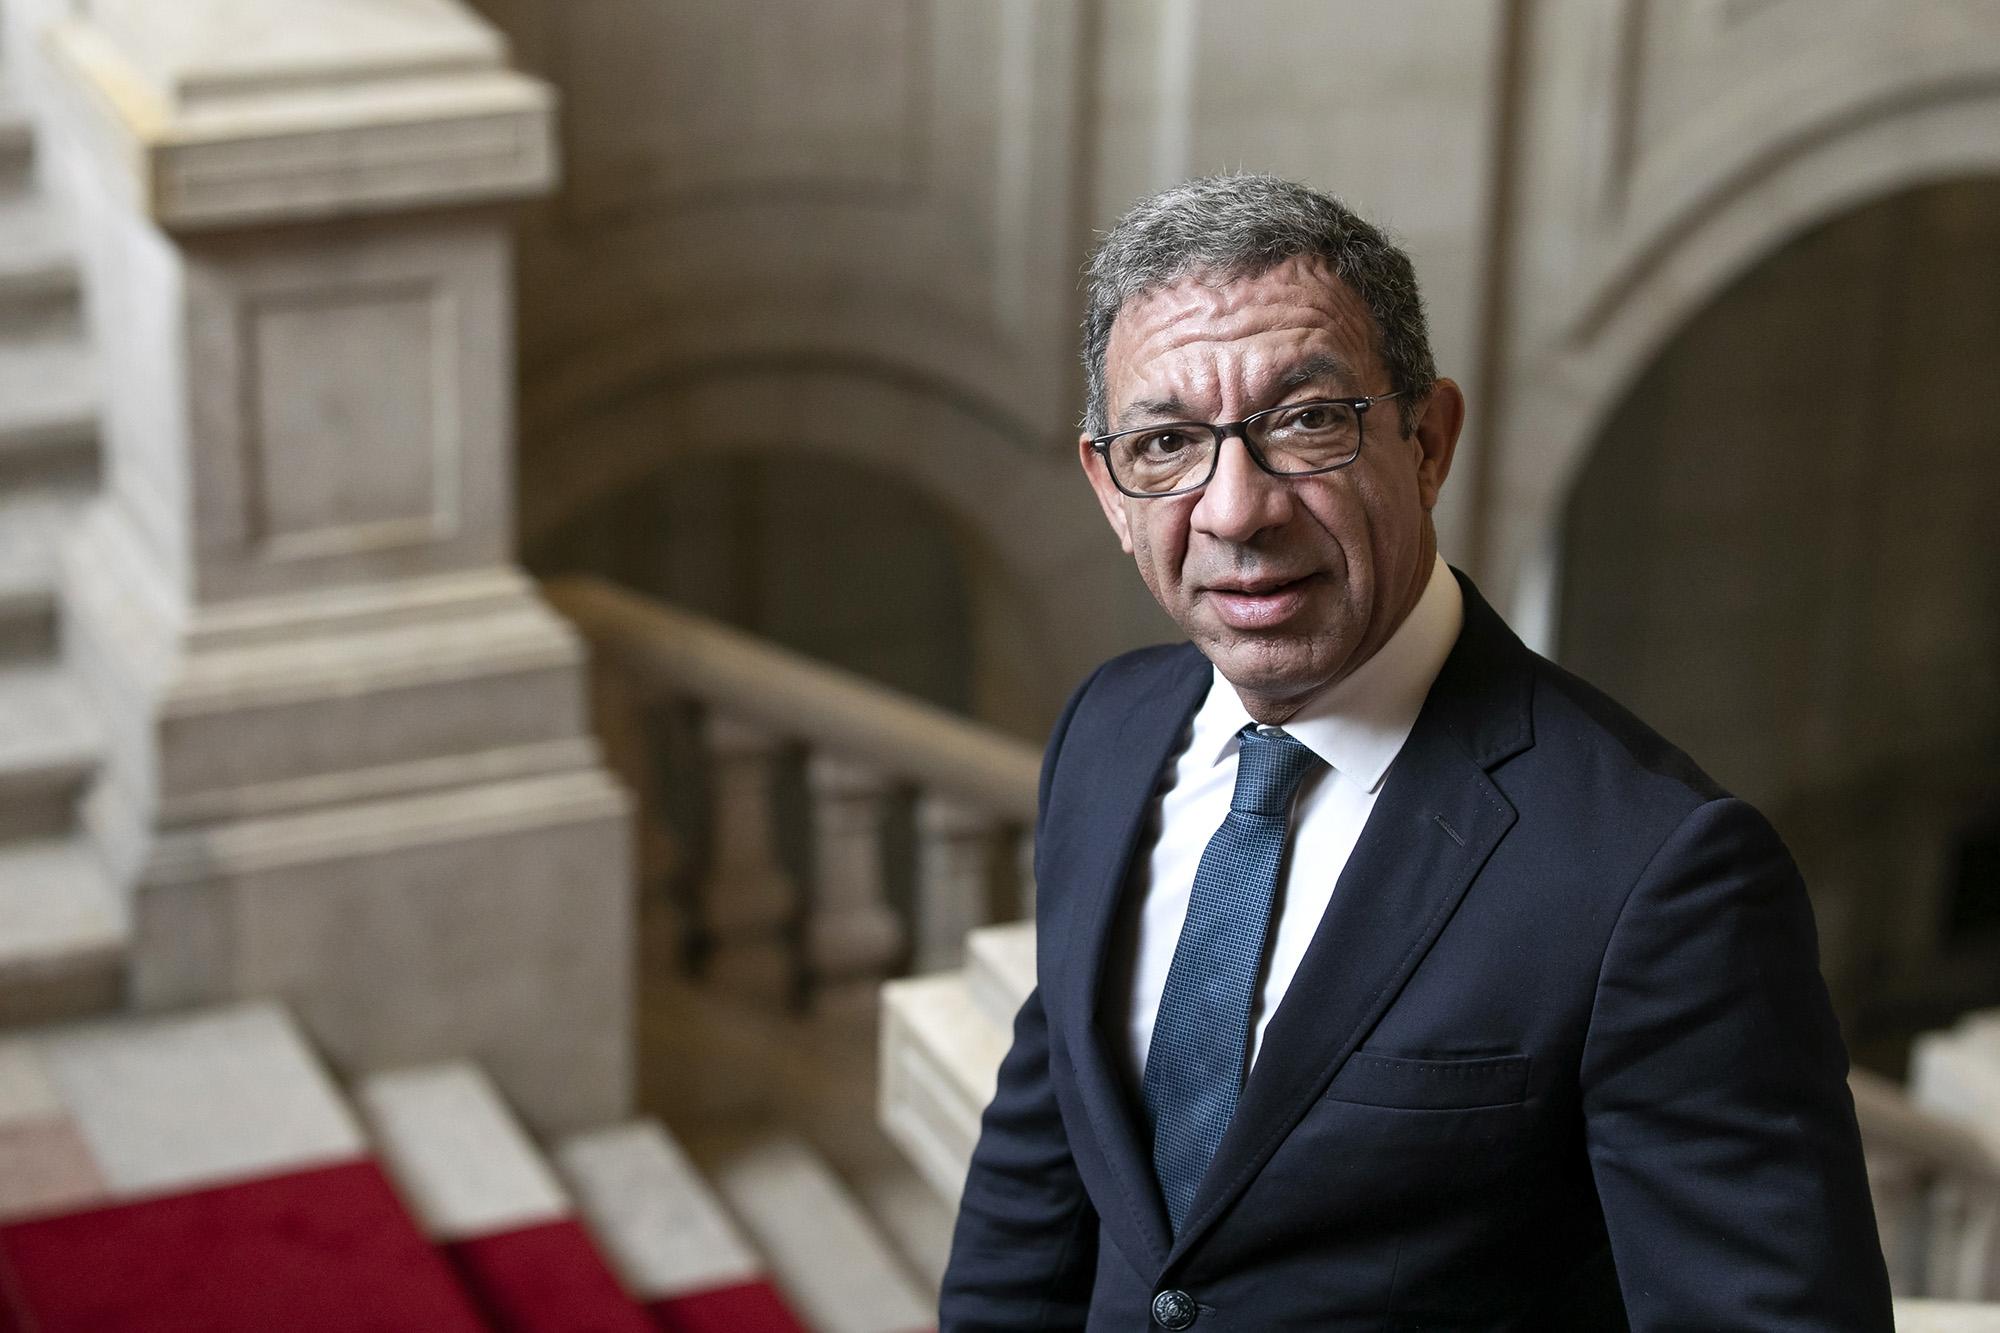 Duarte Pacheco, deputado do PSD, em entrevista ao ECO - 09OUT20